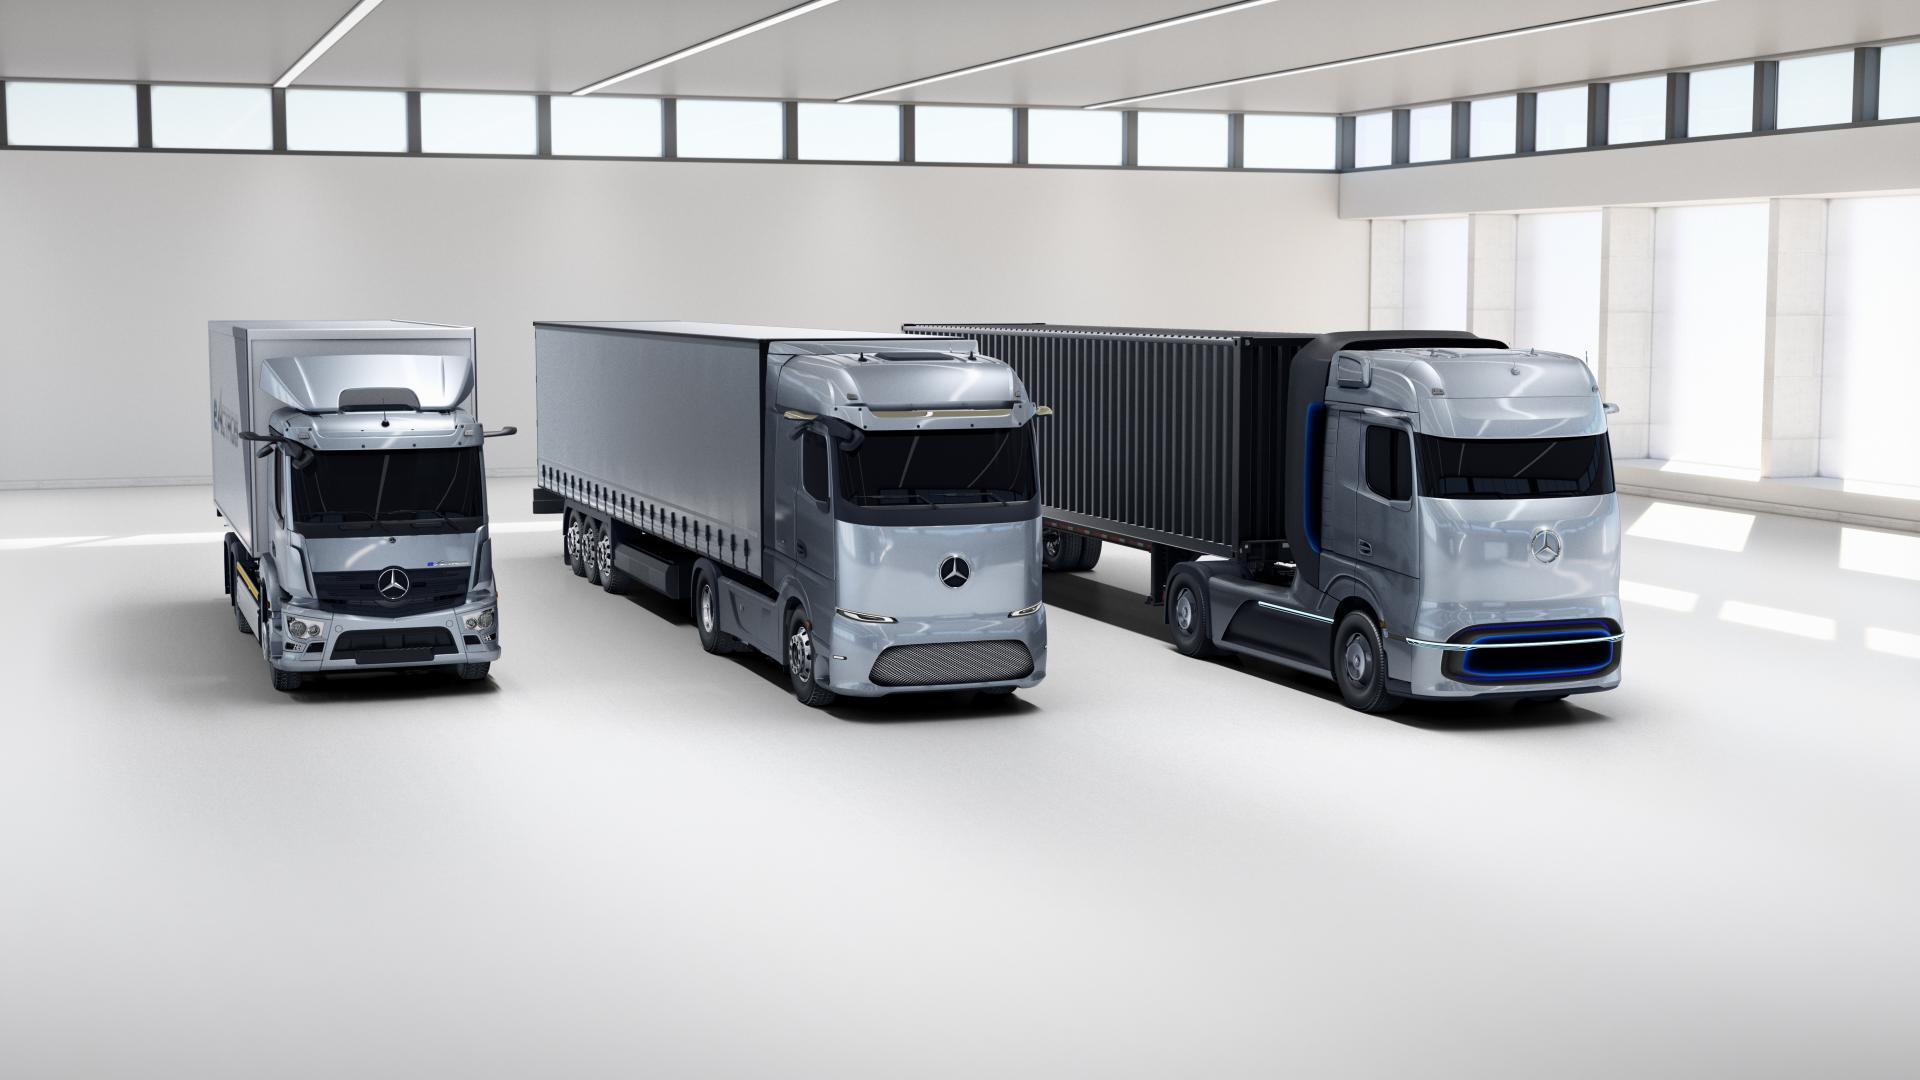 Daimler will Lkw-Sparte an die Börse bringen - Alternative Antriebe im Fokus